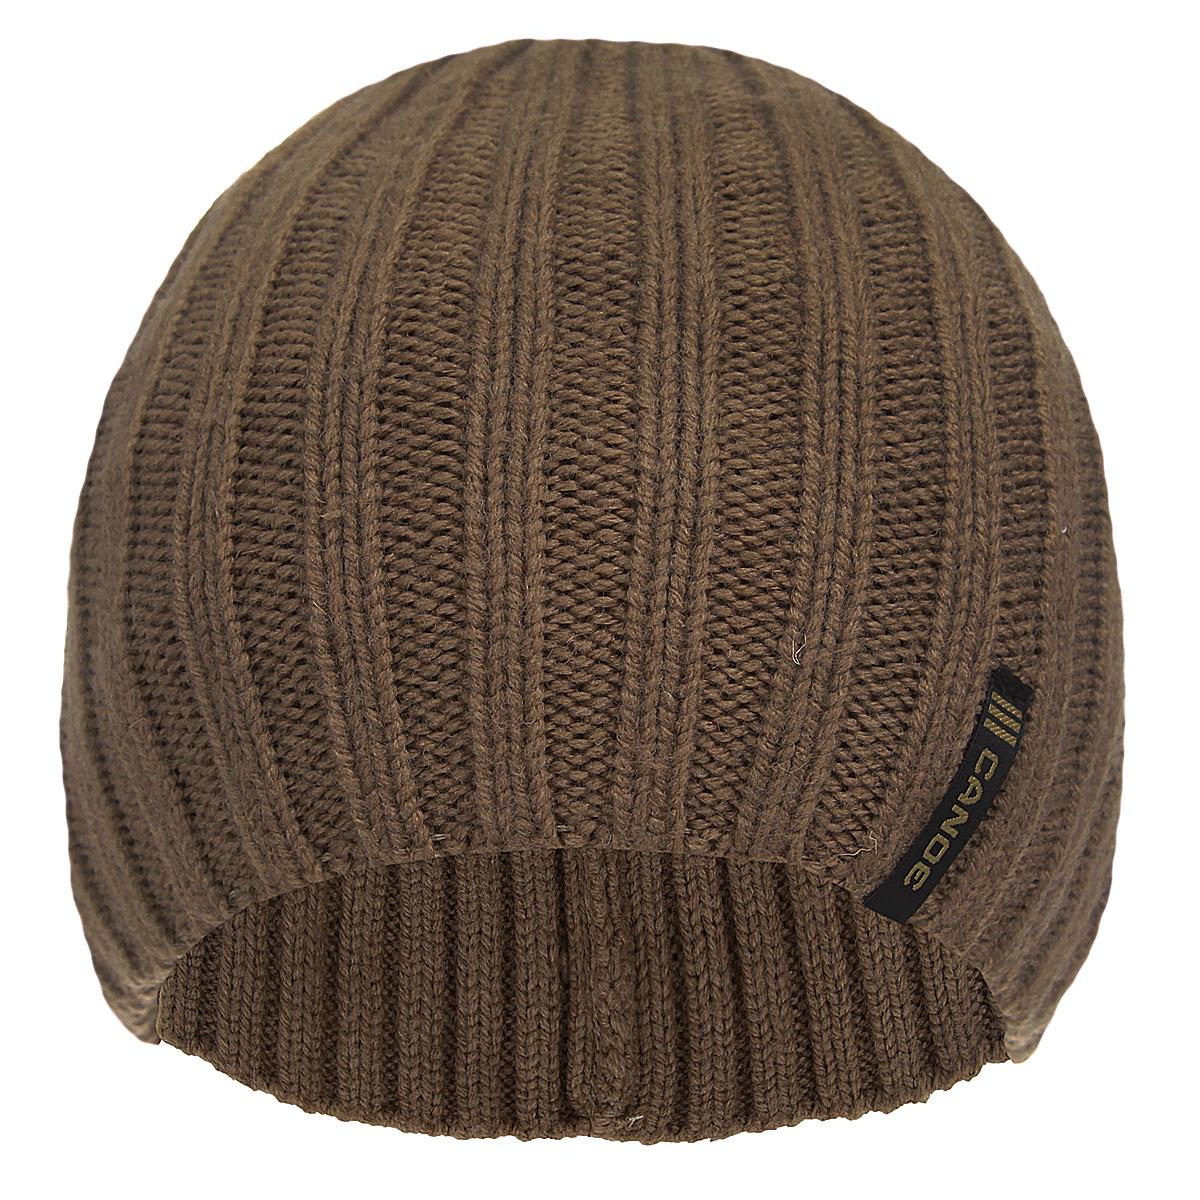 Шапка мужская Trango3442087Стильная мужская шапка Canoe Trango отлично дополнит ваш образ в холодную погоду. Сочетание шерсти и акрила максимально сохраняет тепло и обеспечивает удобную посадку. Удлиненная шапка имеет специальную вязку ластиком. Такая модель комфортна и приятна на ощупь, она великолепно подчеркнет ваш вкус. Такая шапка станет отличным дополнением к вашему осеннему или зимнему гардеробу, в ней вам будет уютно и тепло!